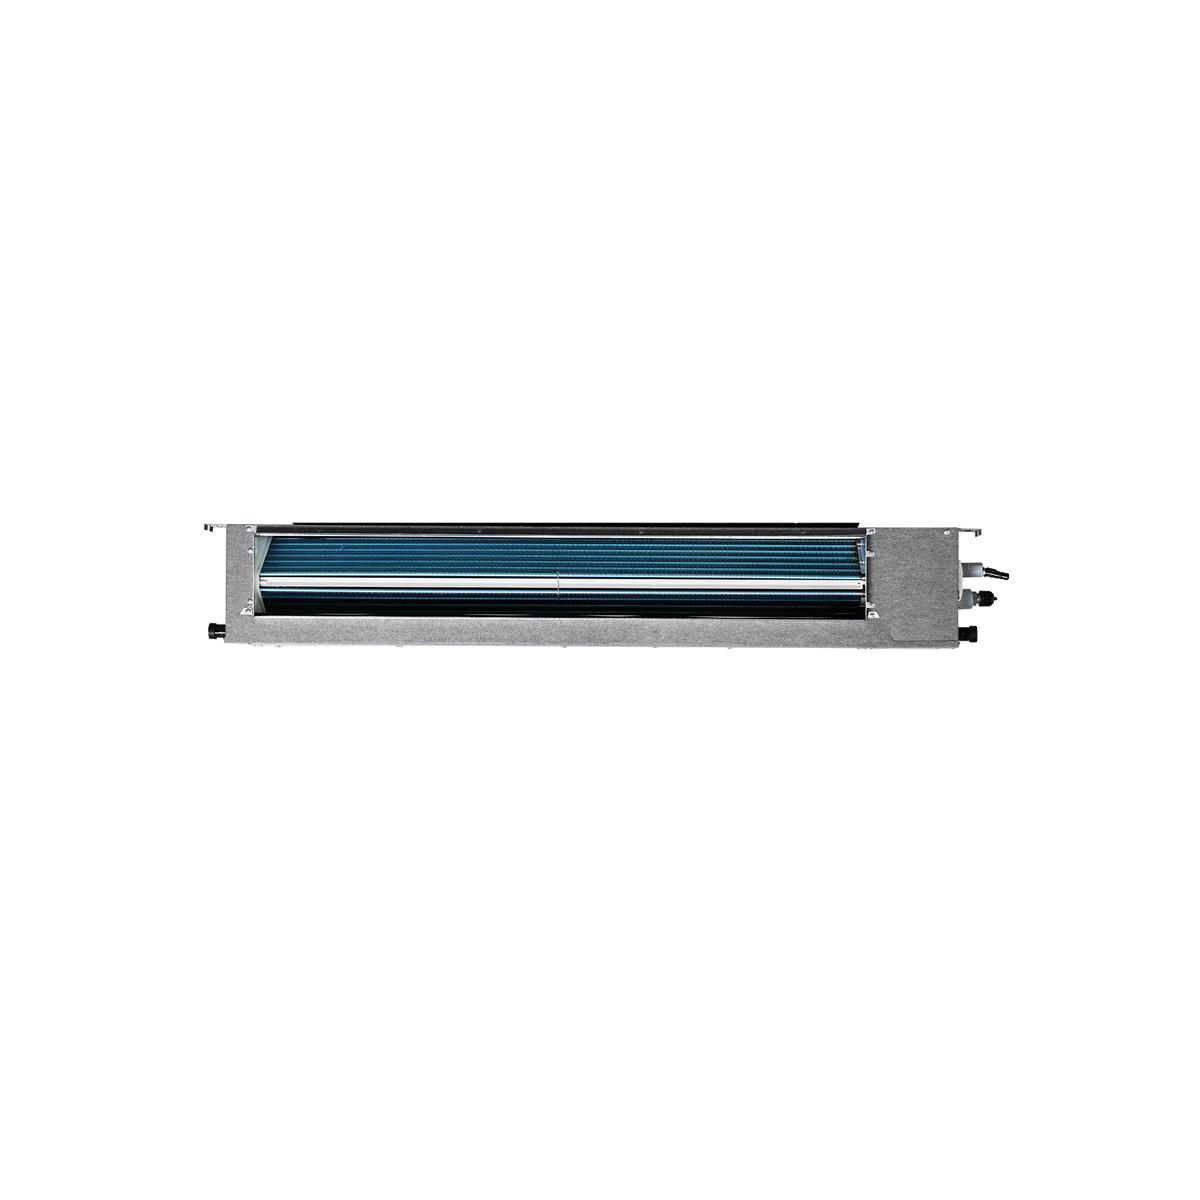 Midea/美的 MDVH-J71T2/BP3DN1Y-TR(F)中央空调内机 说明书.pdf